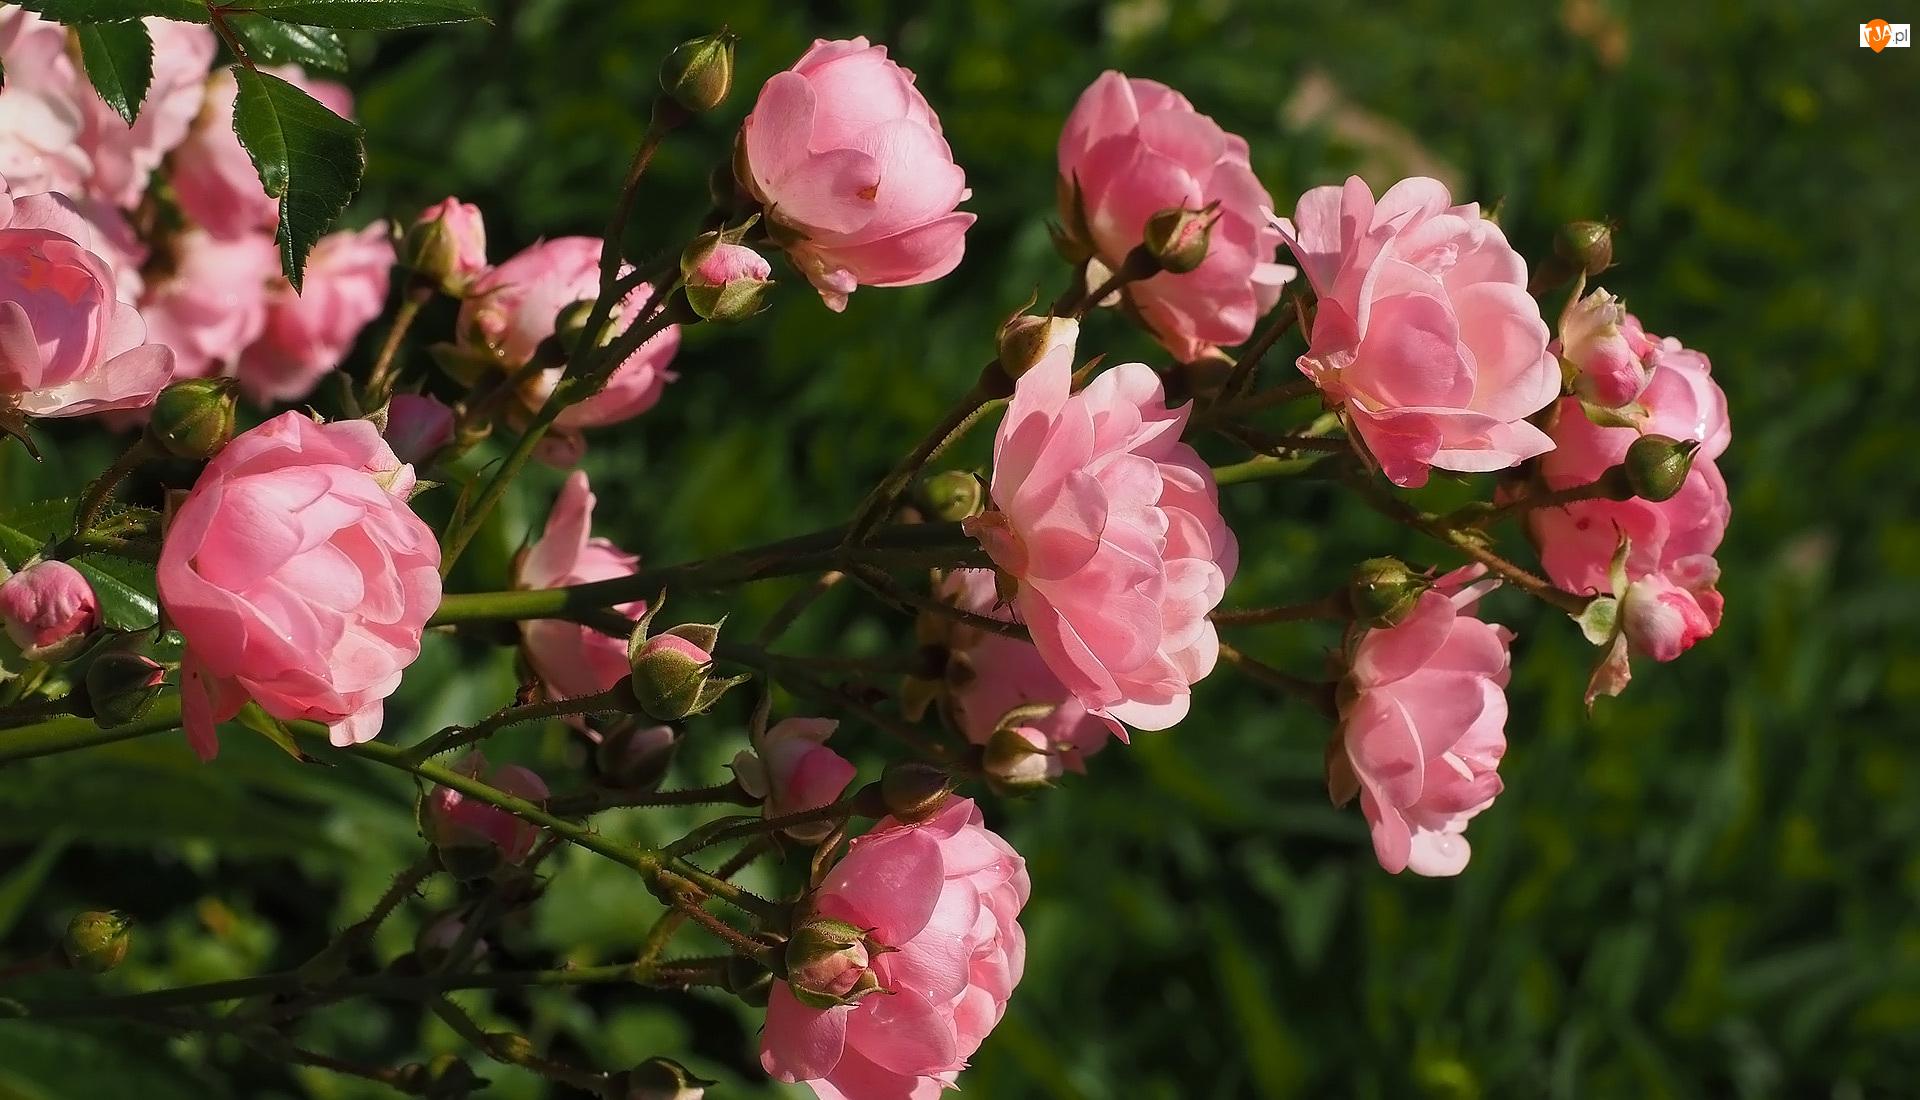 Róże, Pąki, Kwiaty, Różowe, Gałązka